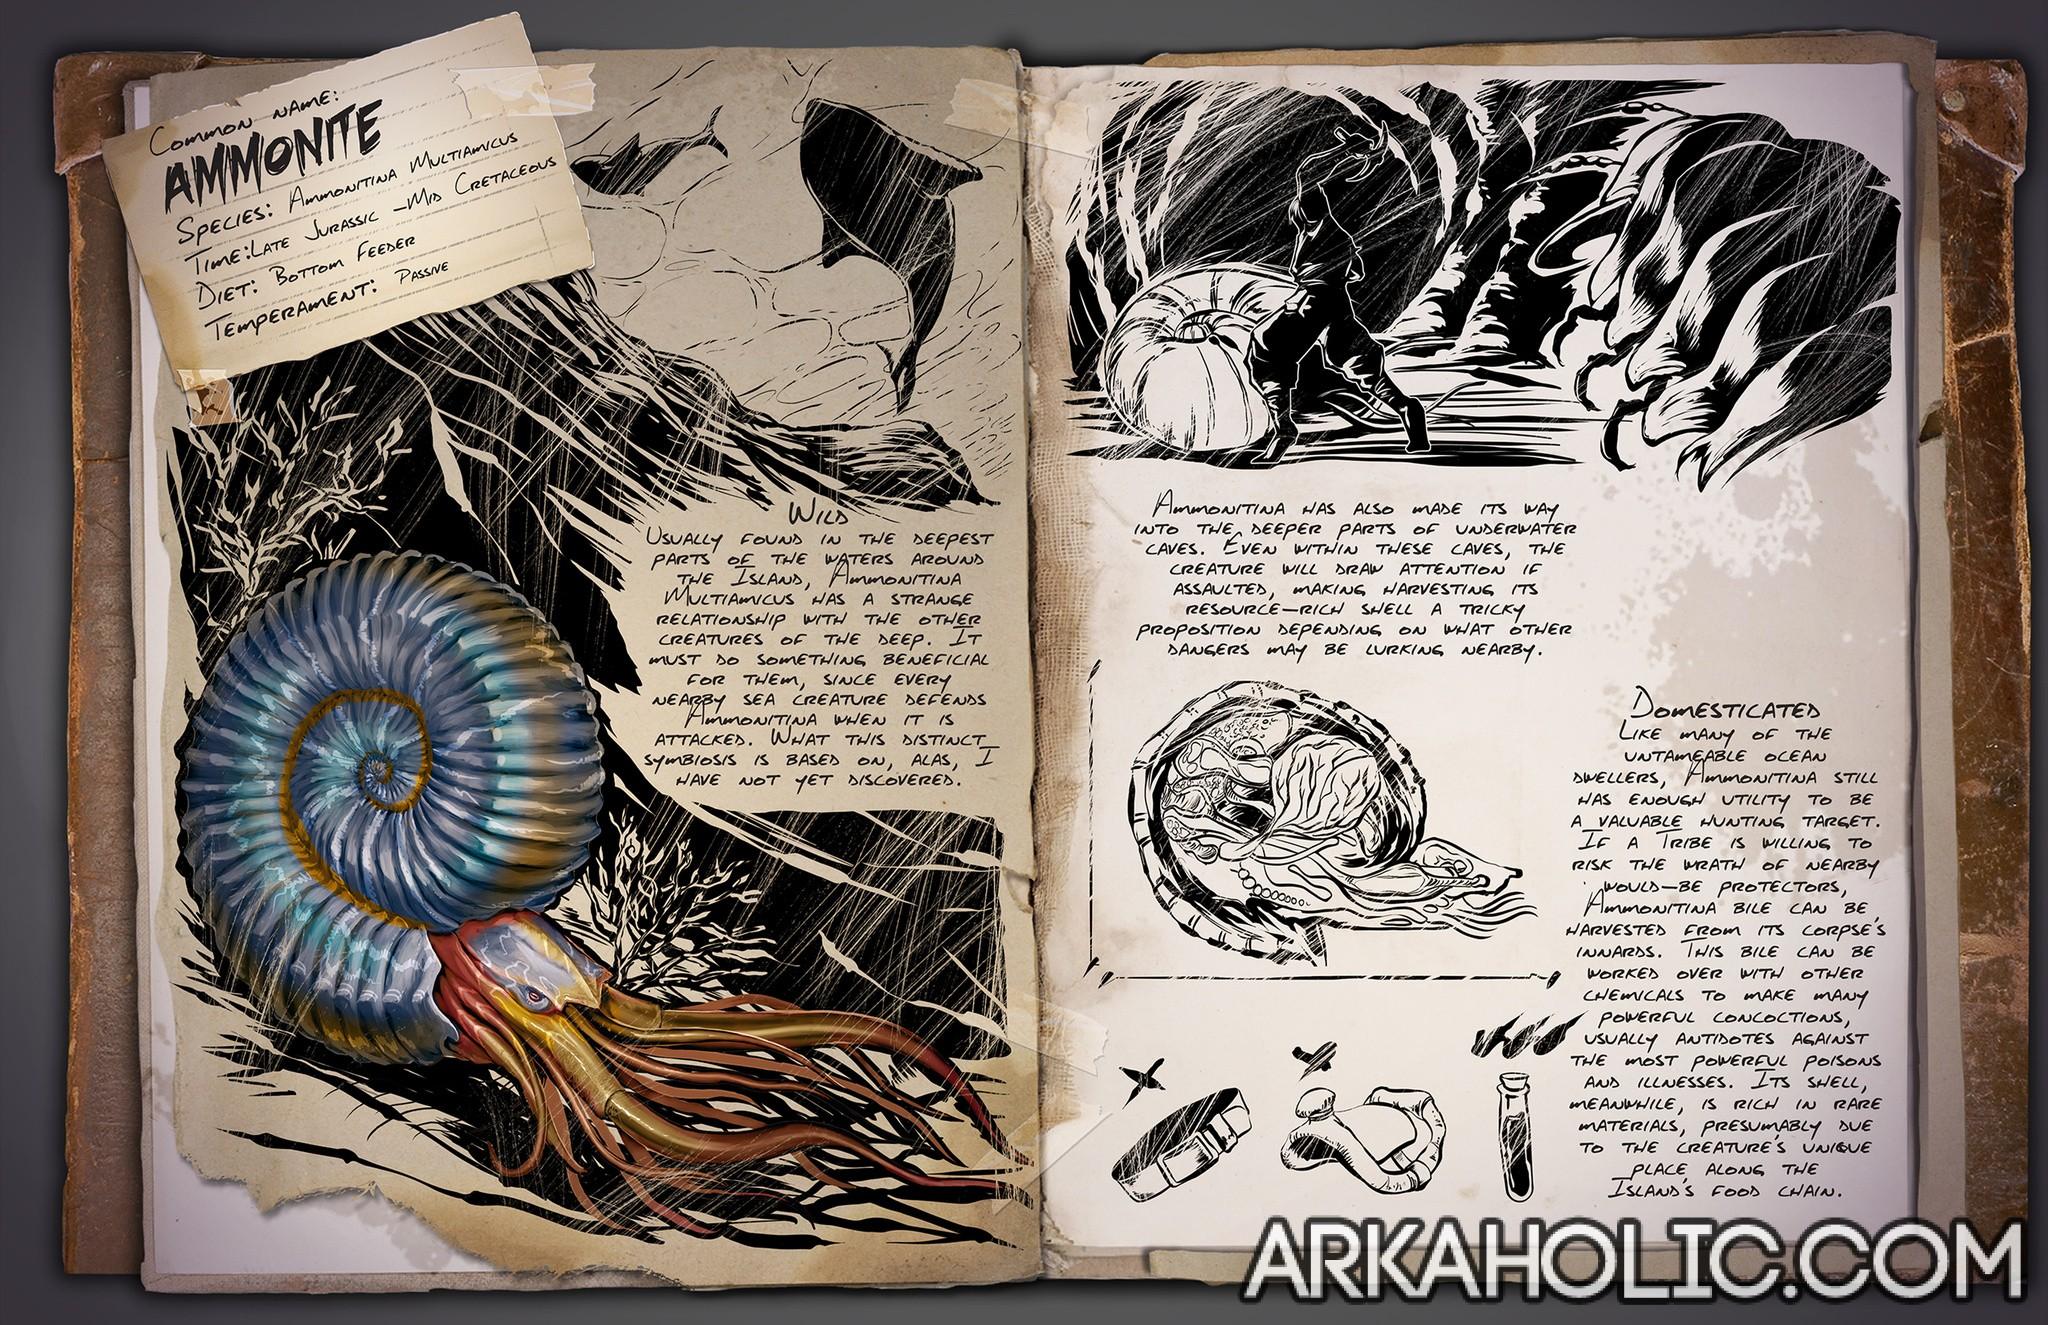 Ammonite Dossier Tips Guide Ark Survival Evolved On the switch survival guide for ark: arkaholic